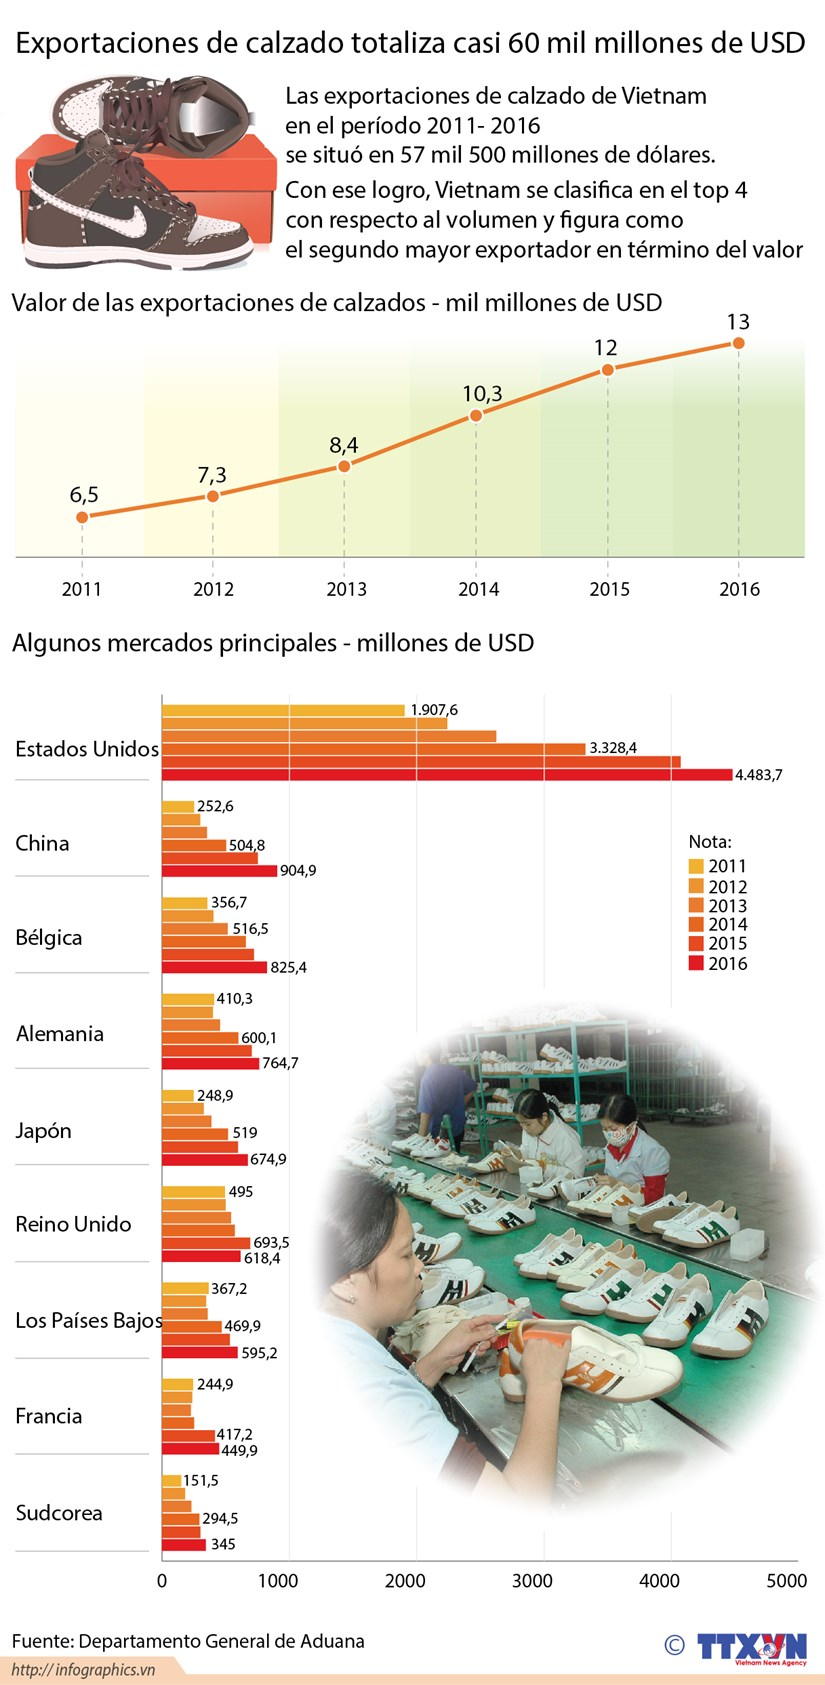 Exportaciones de calzado de Vietnam alcanzan resultado alentador hinh anh 1